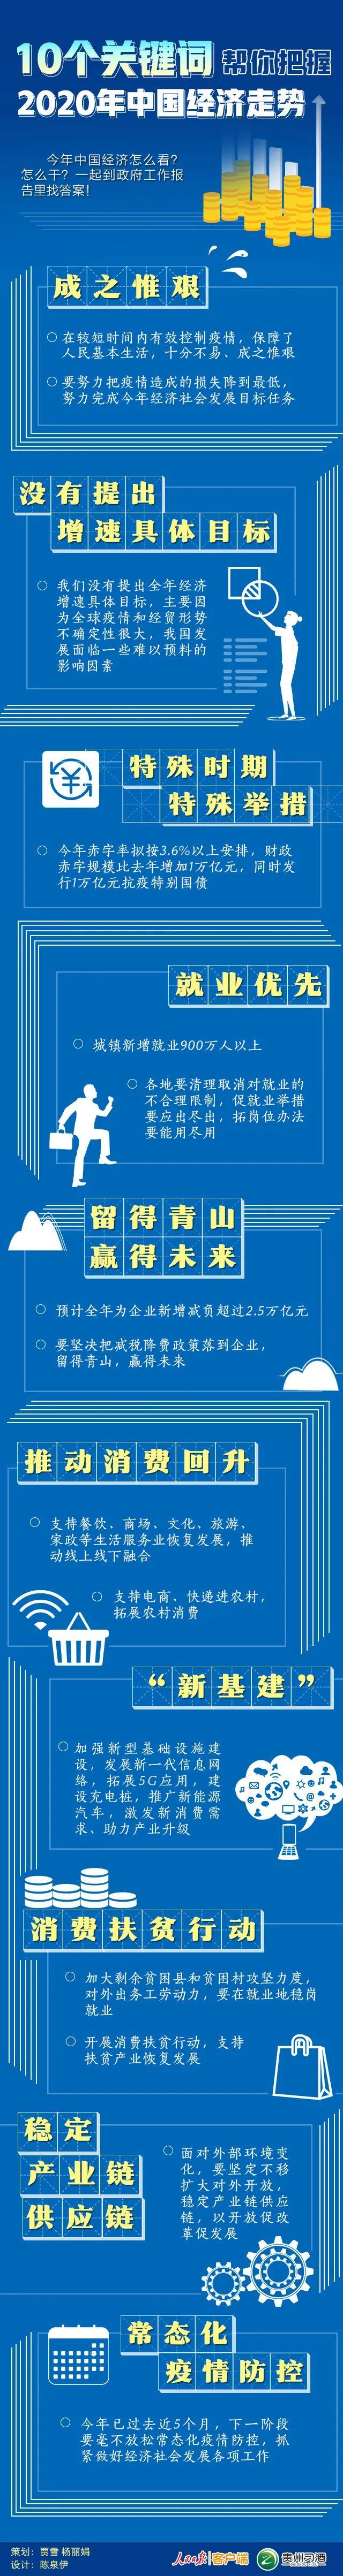 摩天平台2020年摩天平台中国经图片